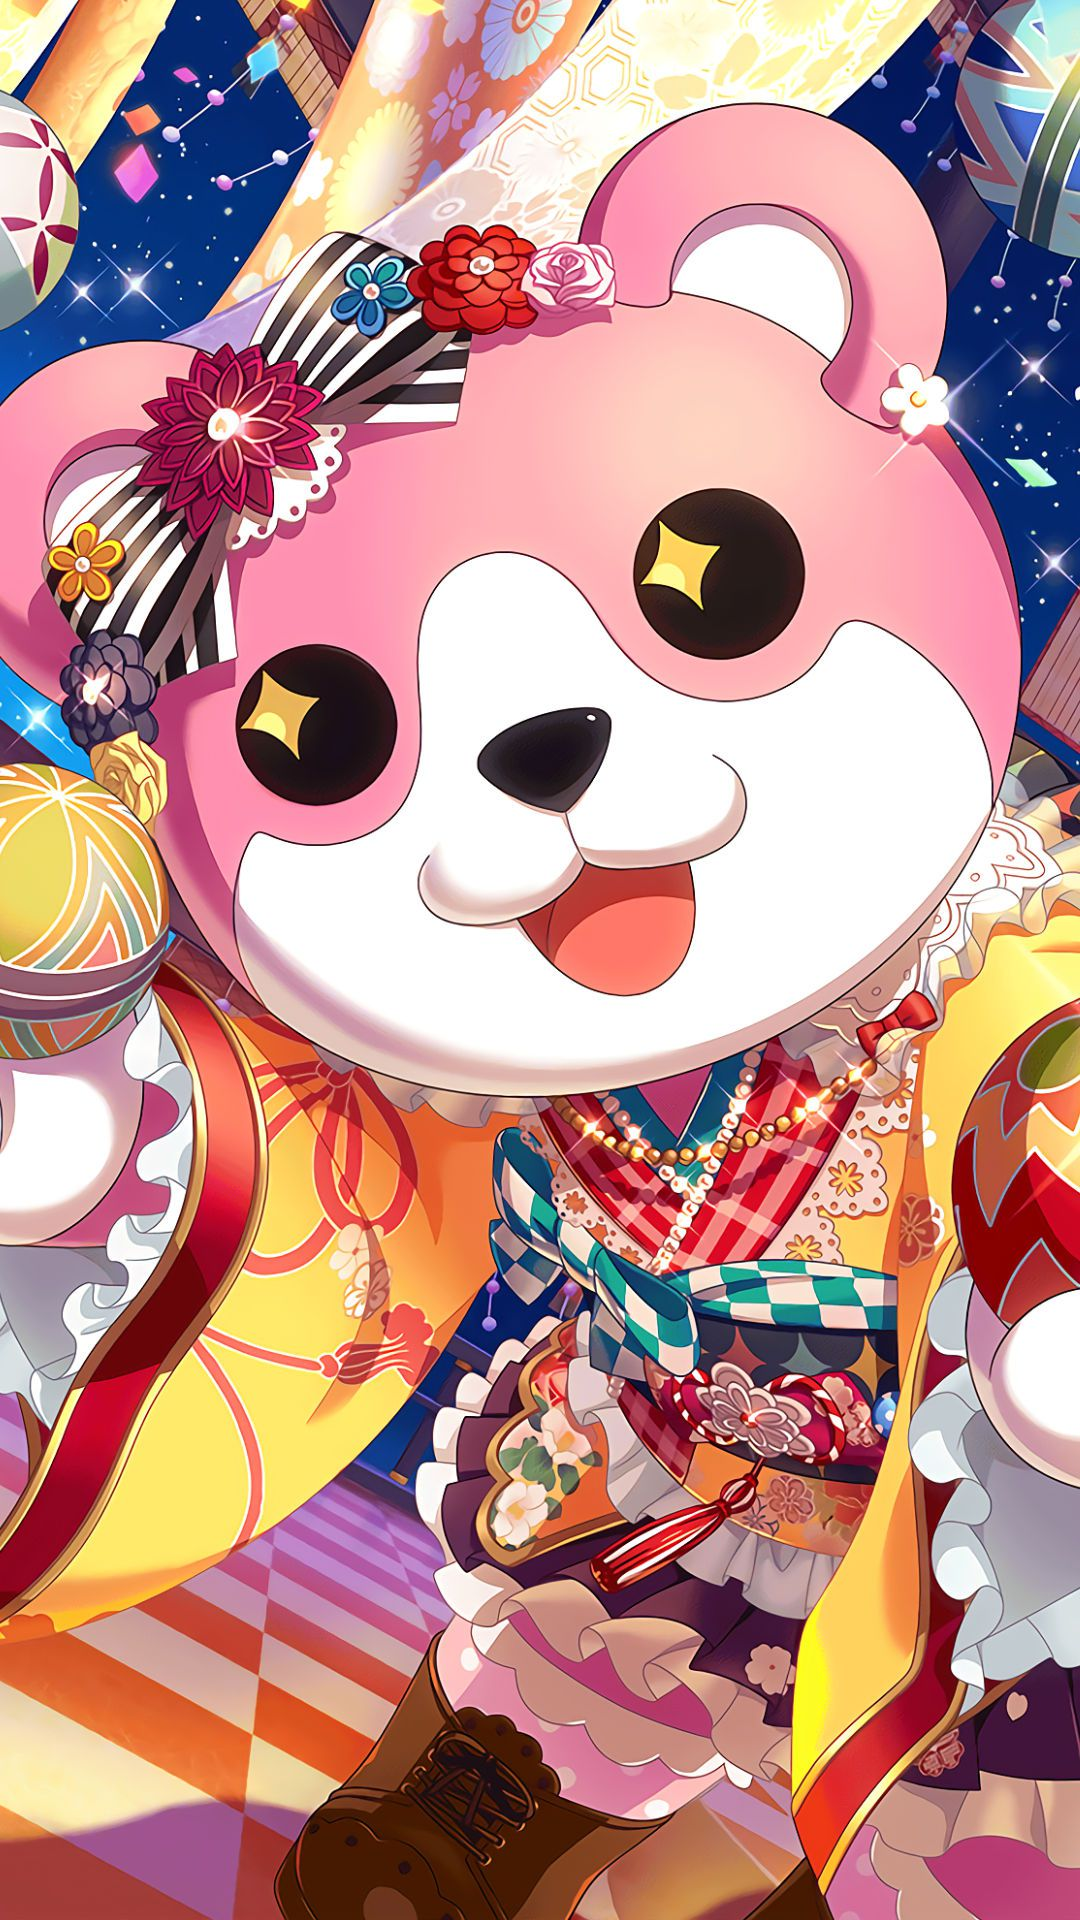 バンドリ-ガルパ-ミッシェル/奥沢美咲iPhone壁紙,Androidスマホ用画像